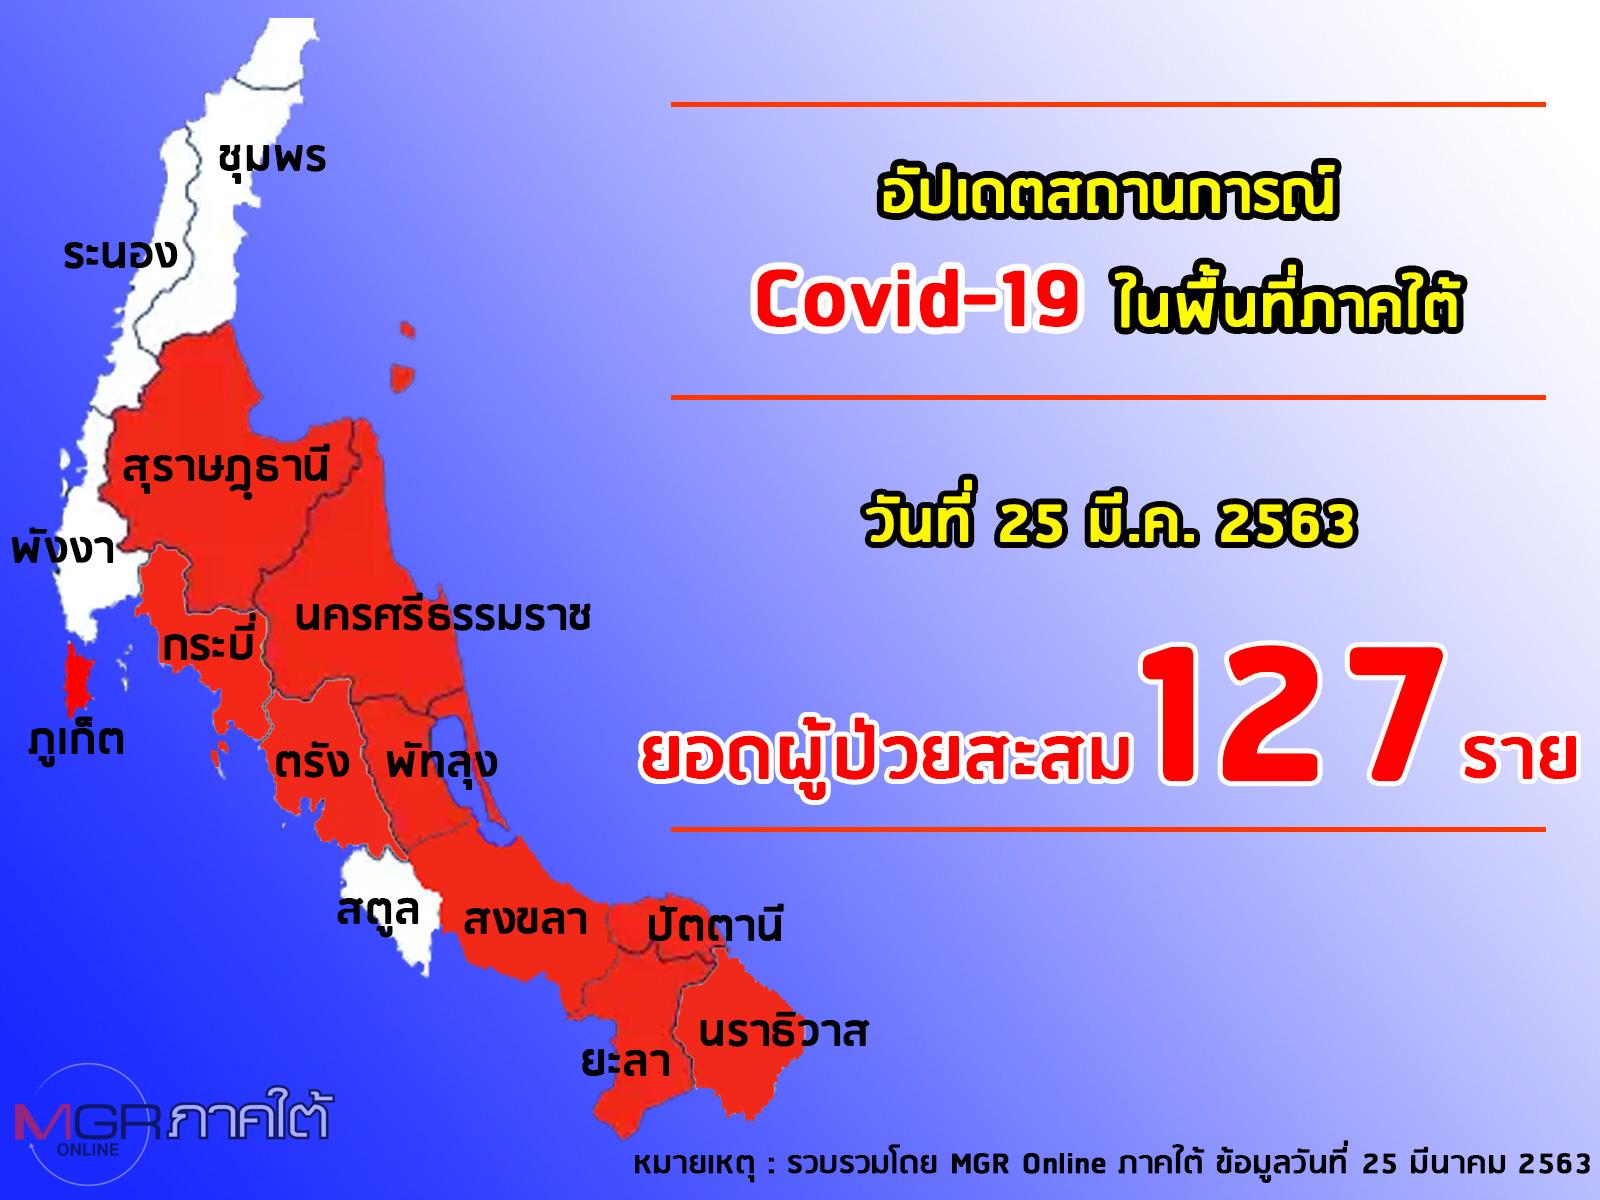 """ผู้ป่วยโควิด-19 ใต้เพิ่มไปอยู่ที่ 127 ราย ให้จับตา """"ปัตตานี-ยะลา"""" มี 3 กลุ่มมุสลิมเสี่ยงแพร่ระบาด"""